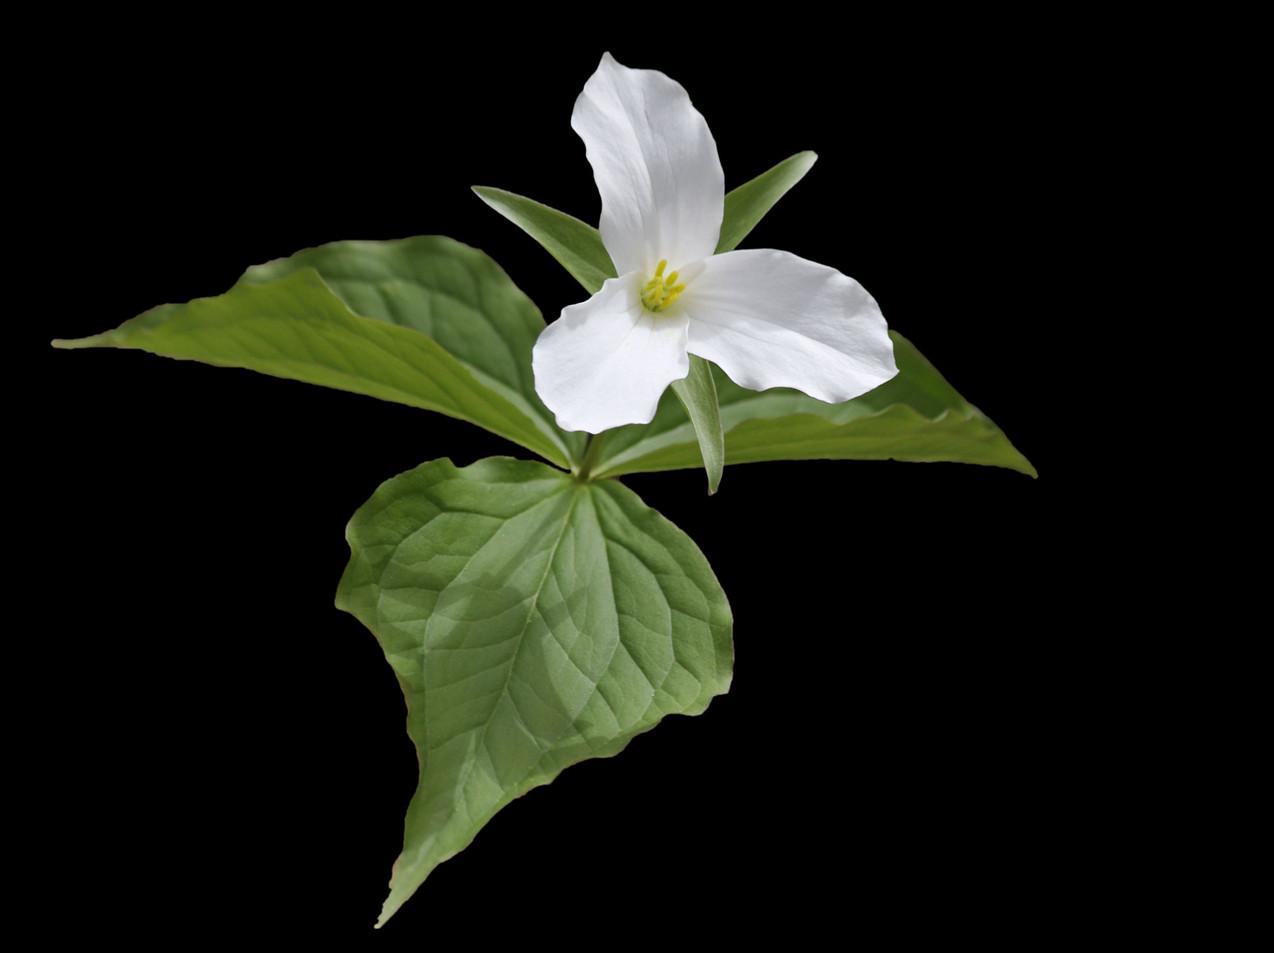 A White Trillium